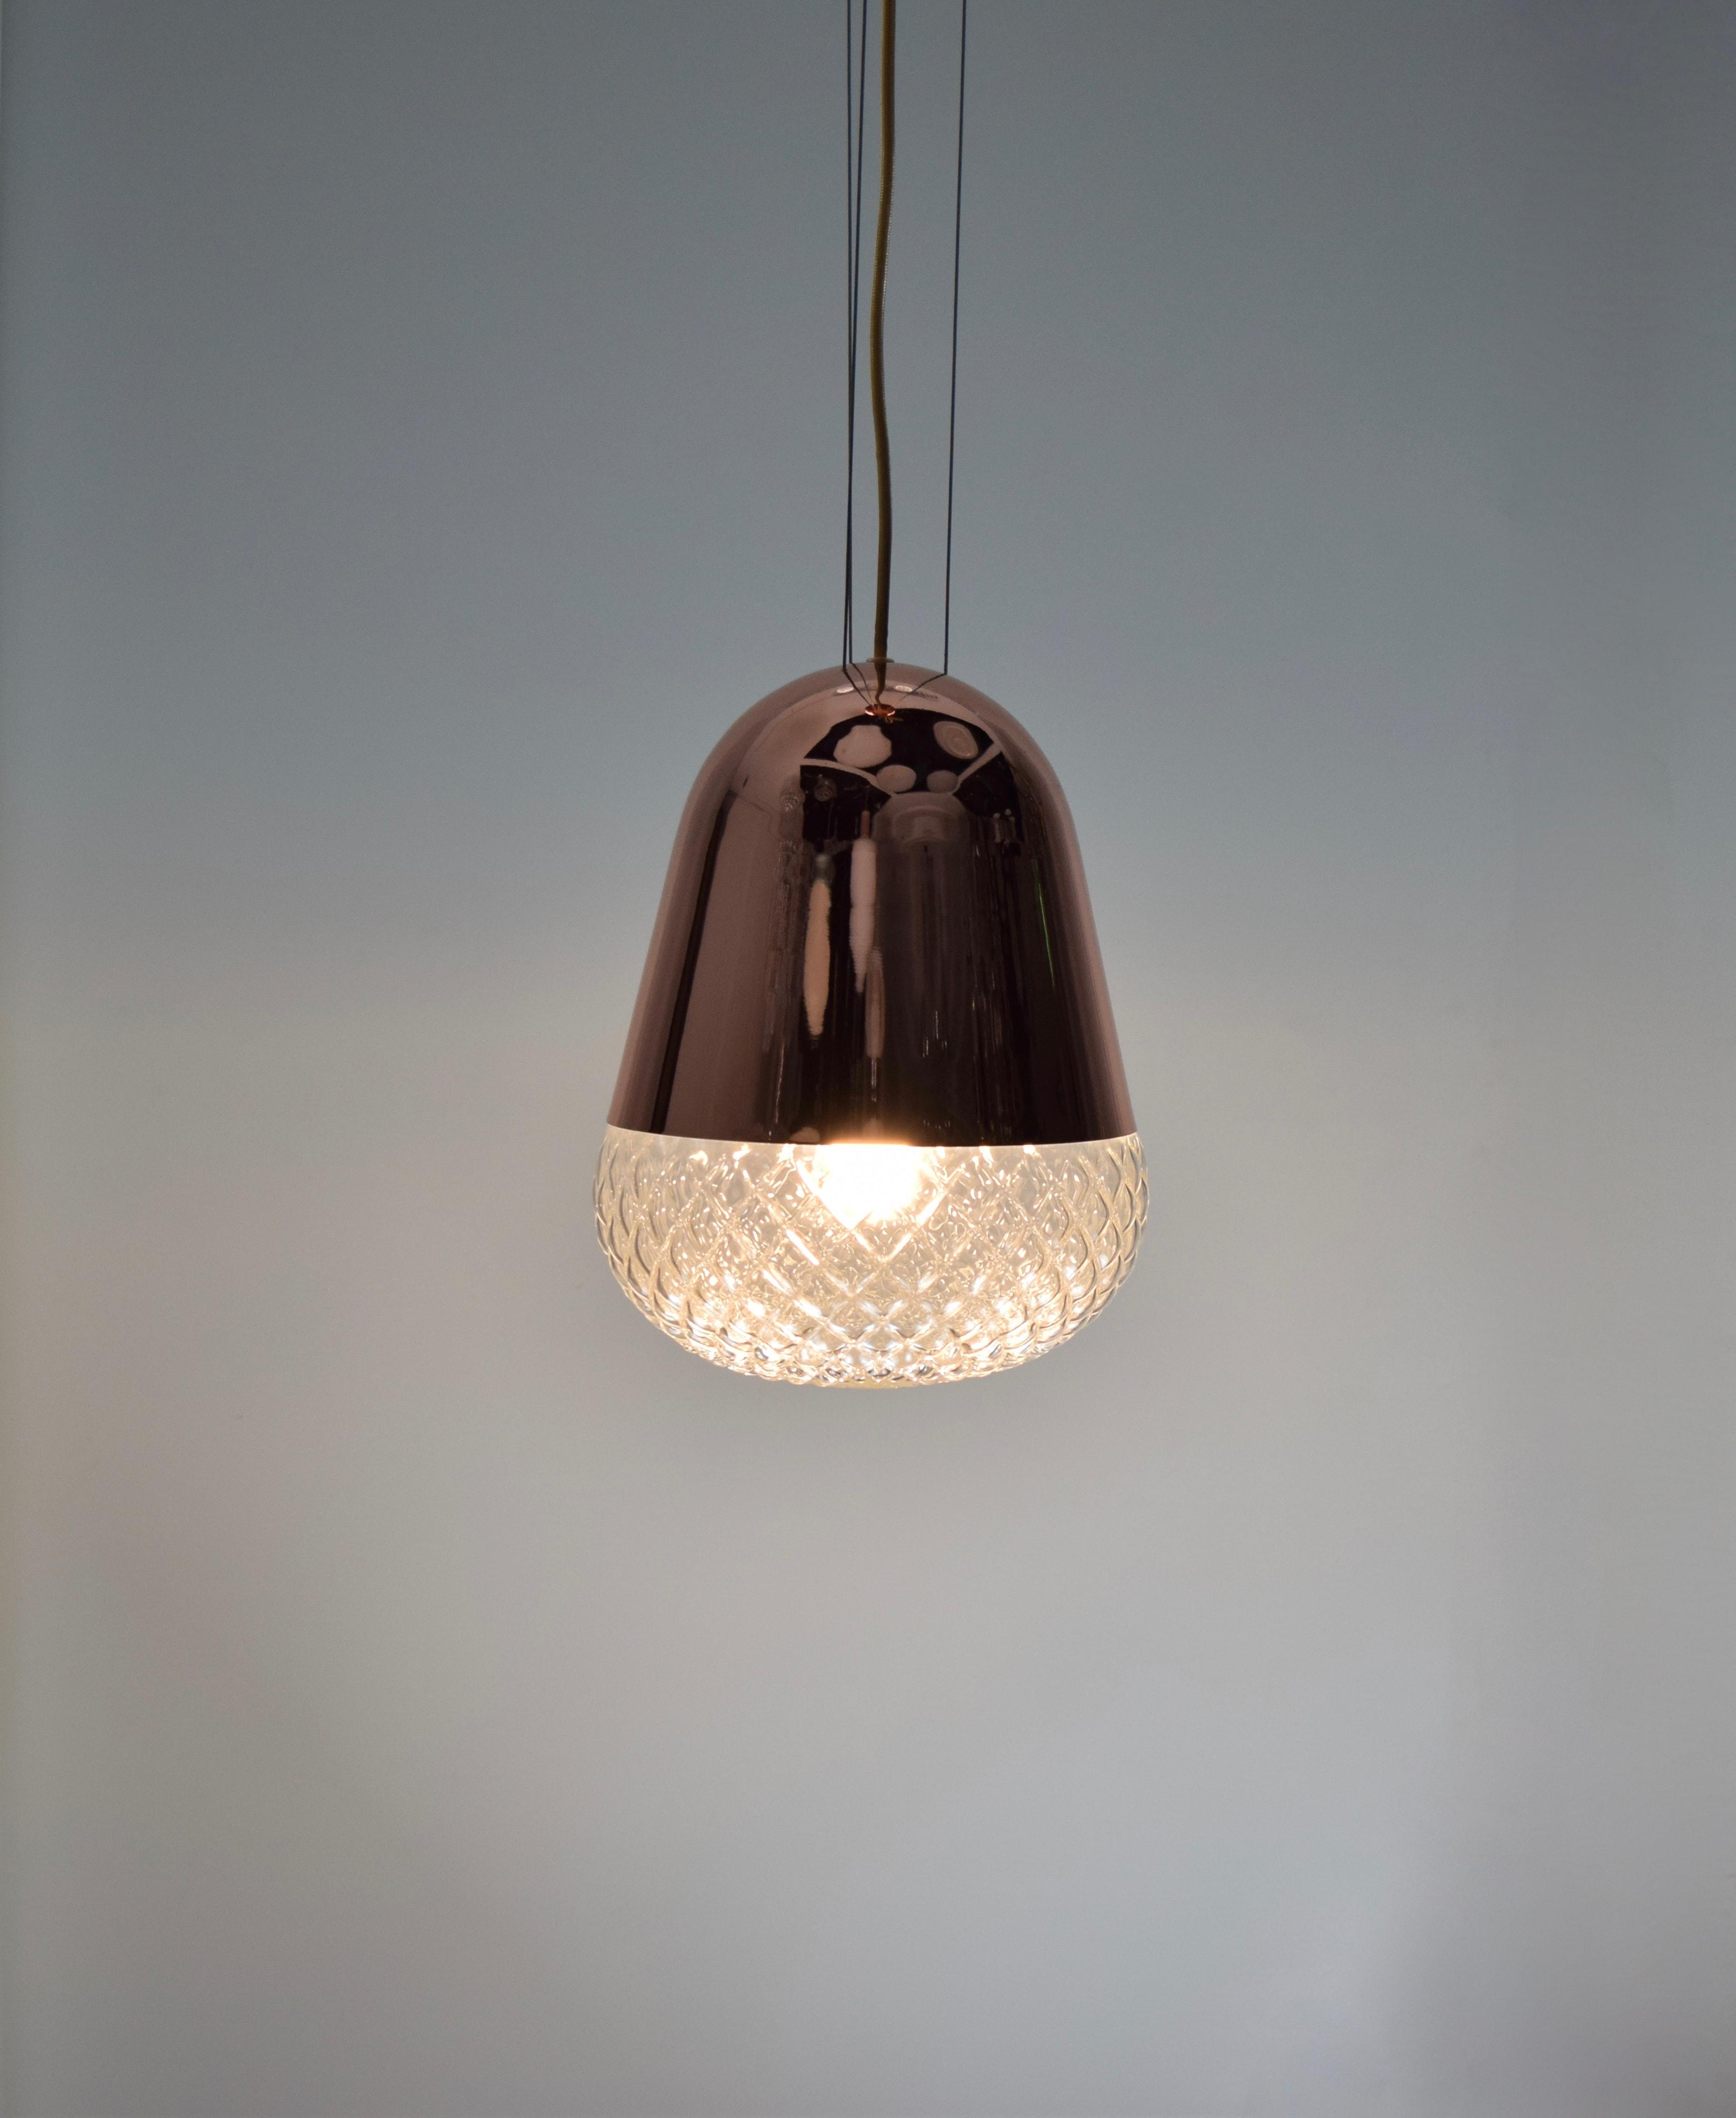 紅銅玻璃吊燈-BNL00118 5